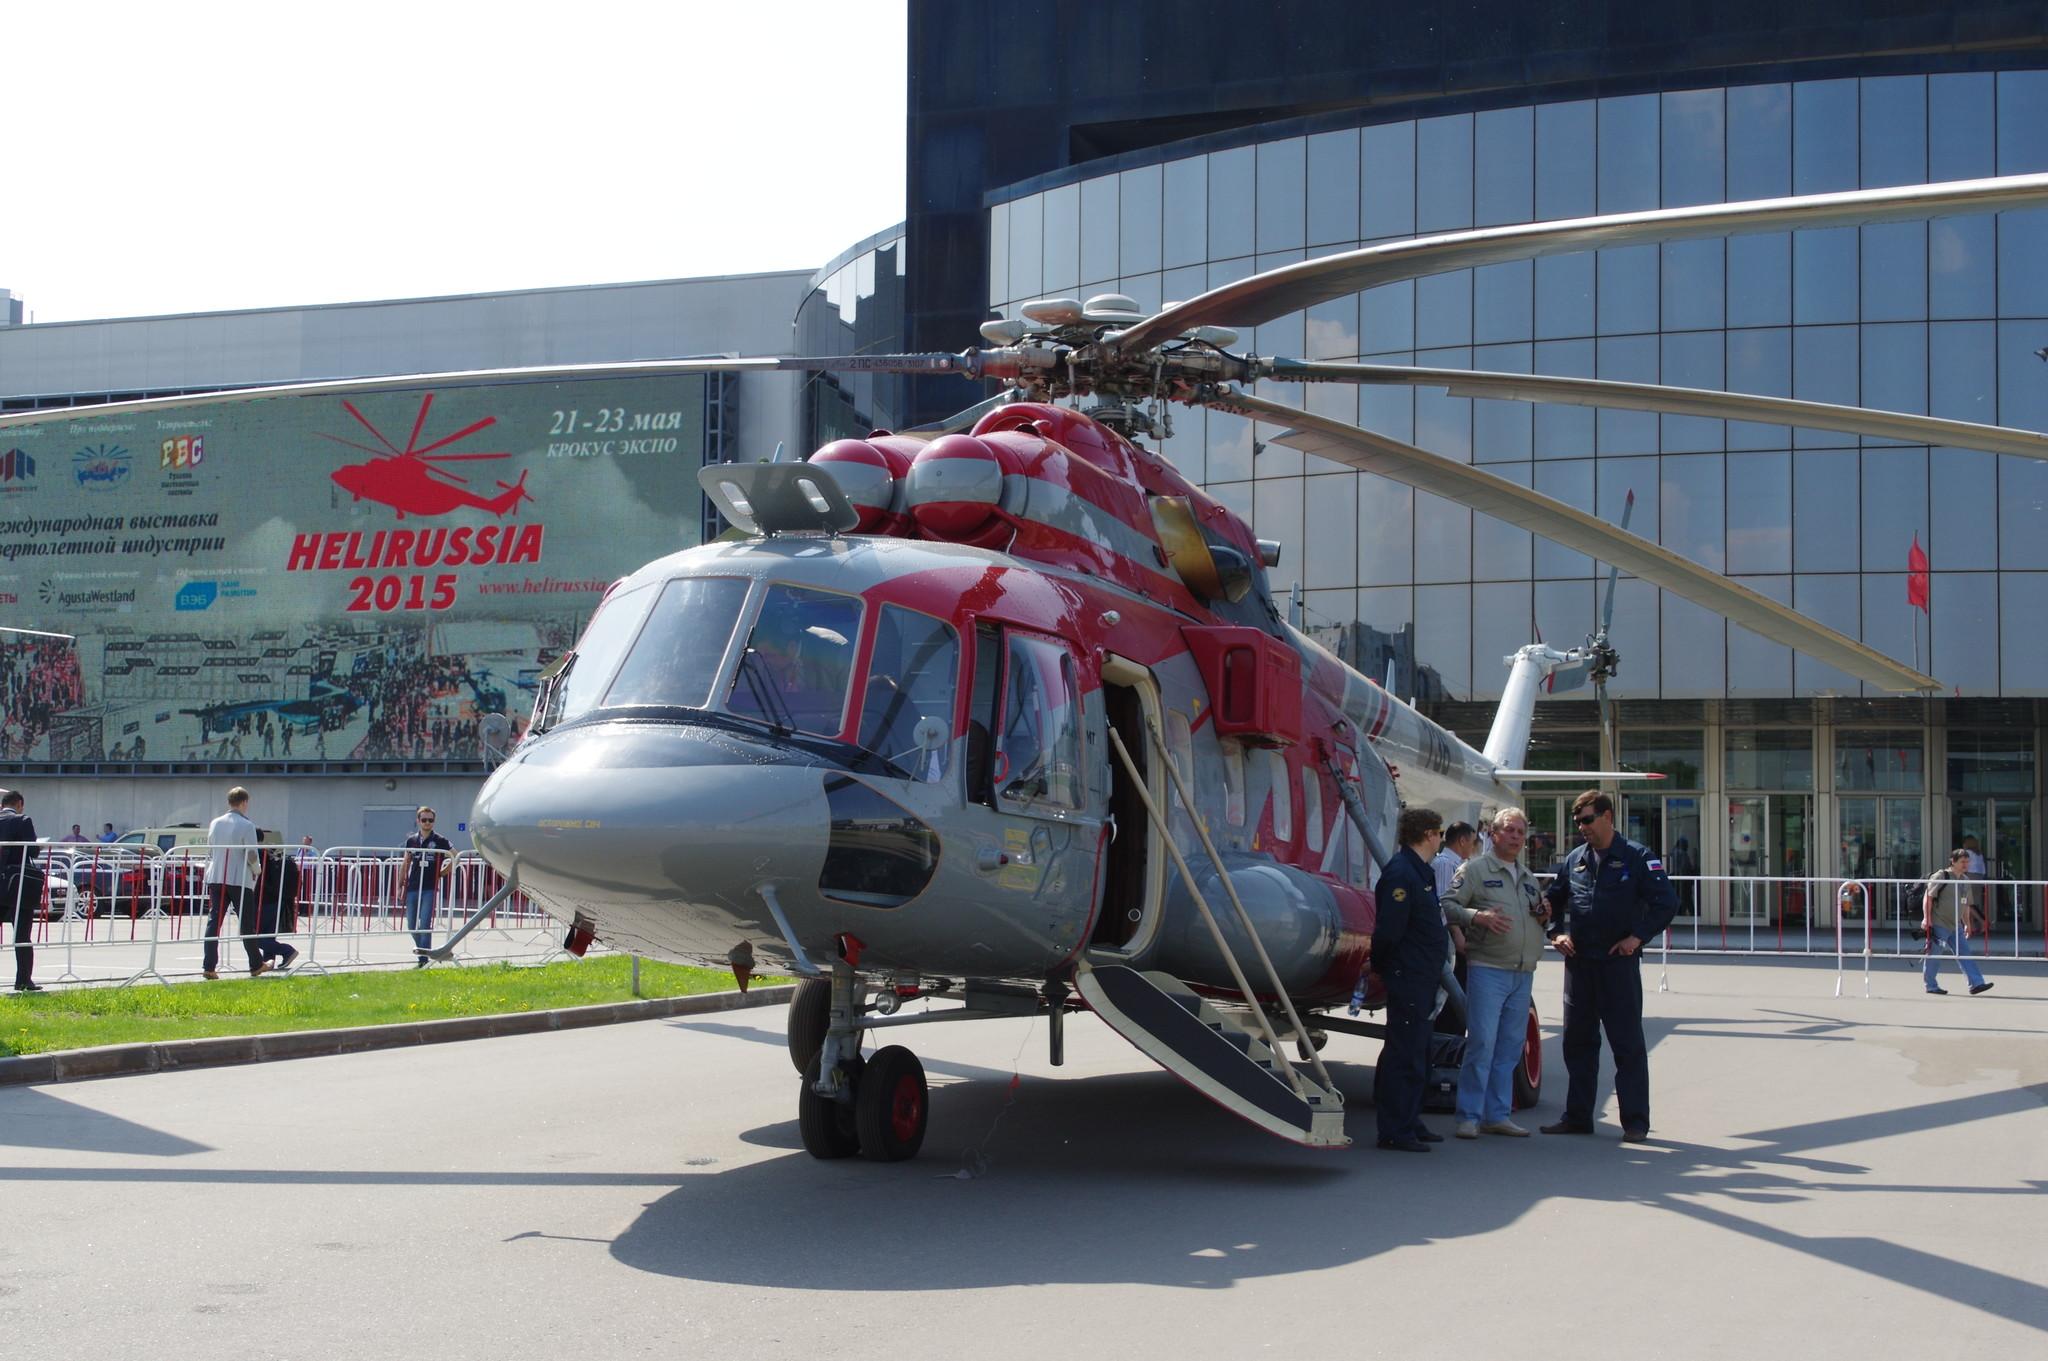 8-я Международная выставка вертолётной индустрии HeliRussia-2015. Средний вертолёт Ми-8АМТ в конфигурации VIP